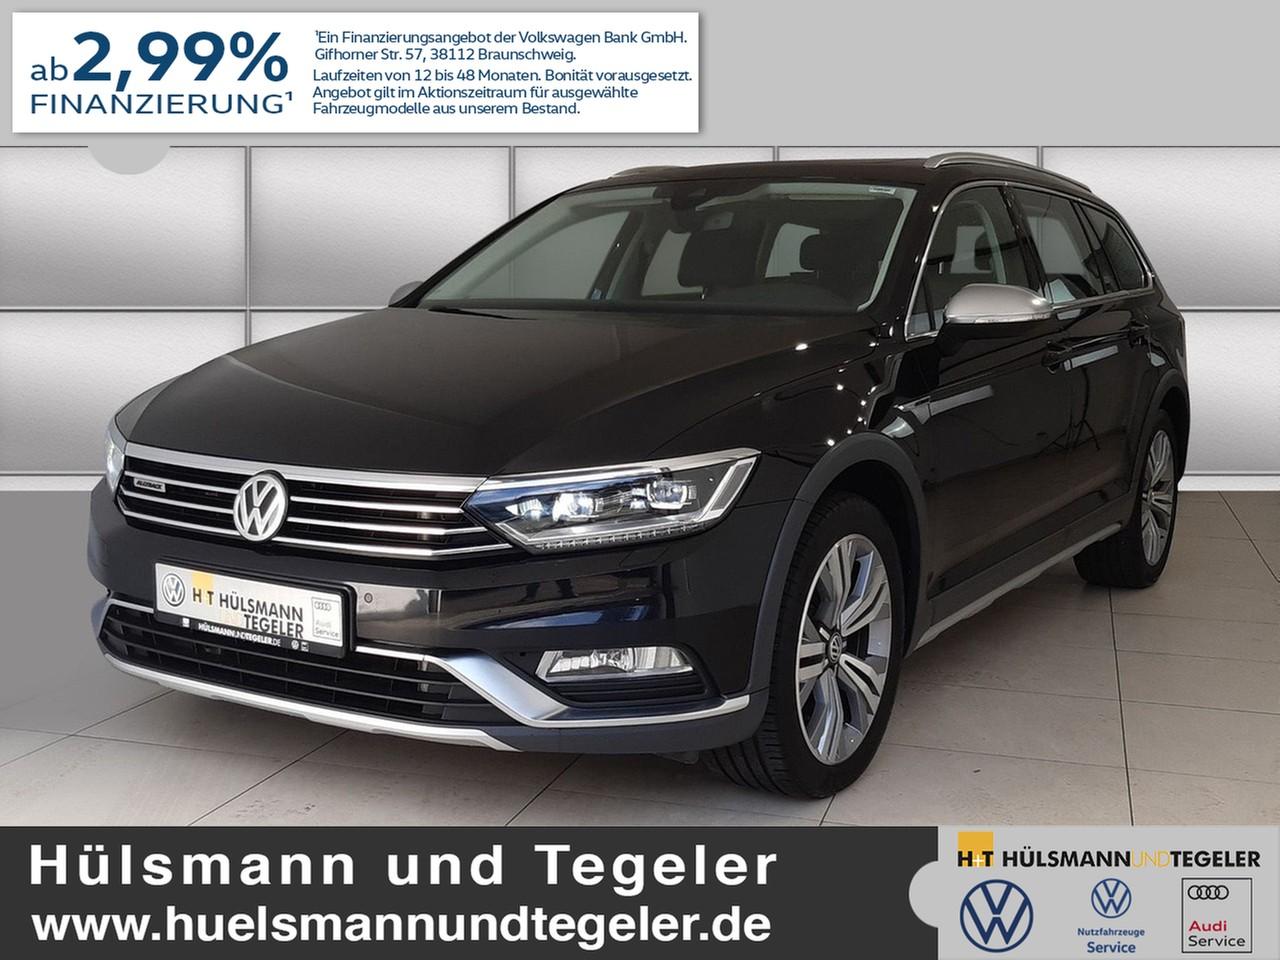 Volkswagen Passat Alltrack 2.0 TDI DSG Alltrack, Jahr 2016, Diesel